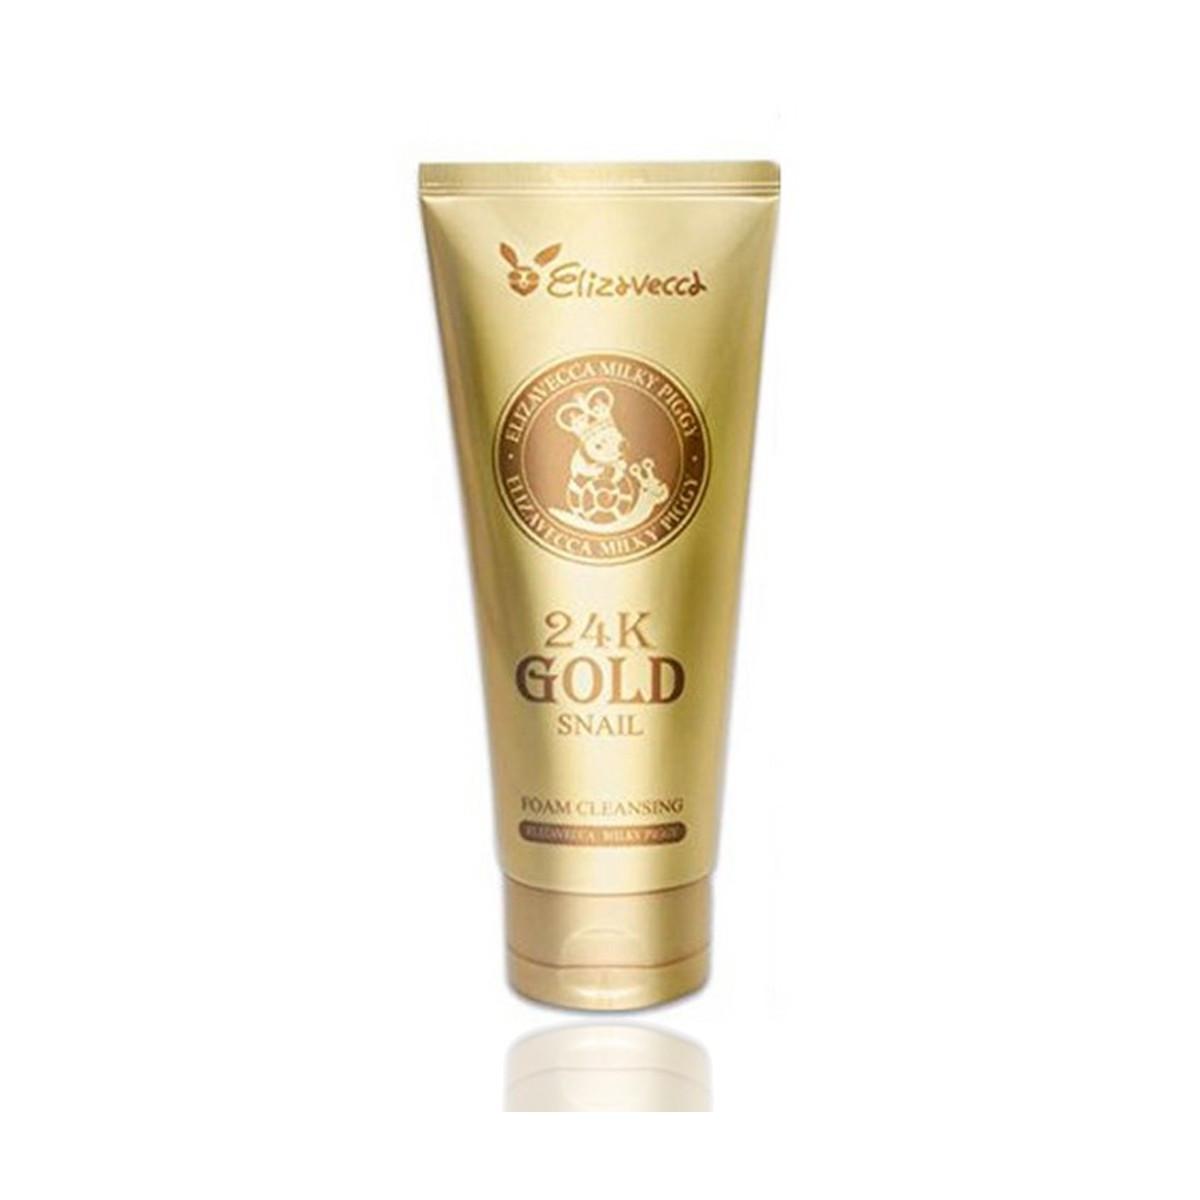 Очищающая пенка для умывания  с муцином улитки и 24к золотом Elizavecca 24k gold water dew snail mask pack